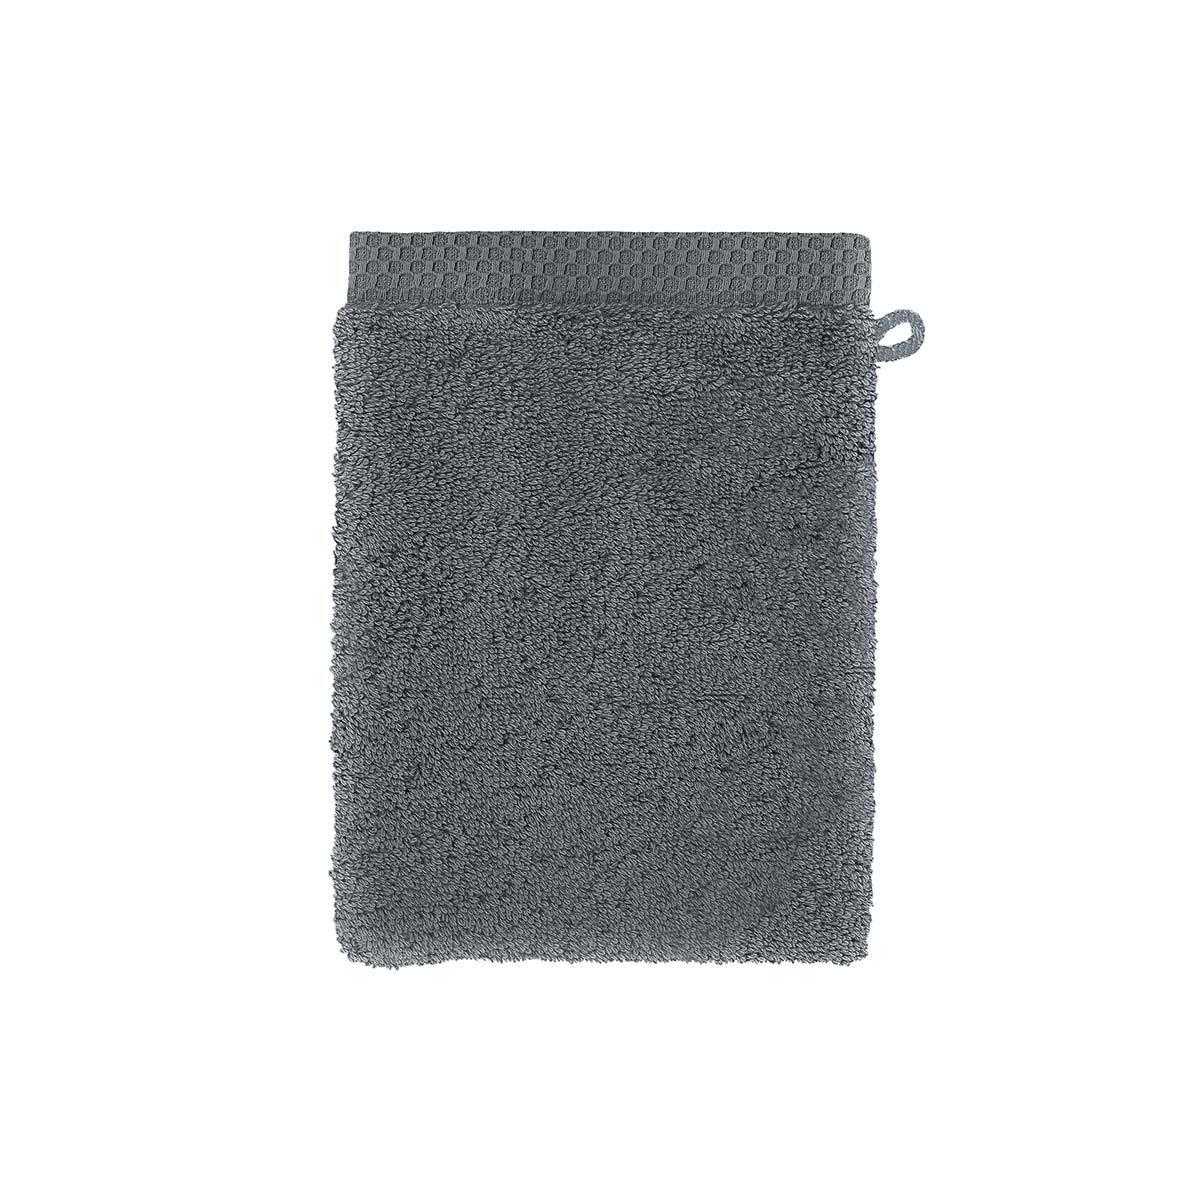 Manopla de baño la mousseuse, marrón, 15 X 22 cm gant toilette: Amazon.es: Hogar